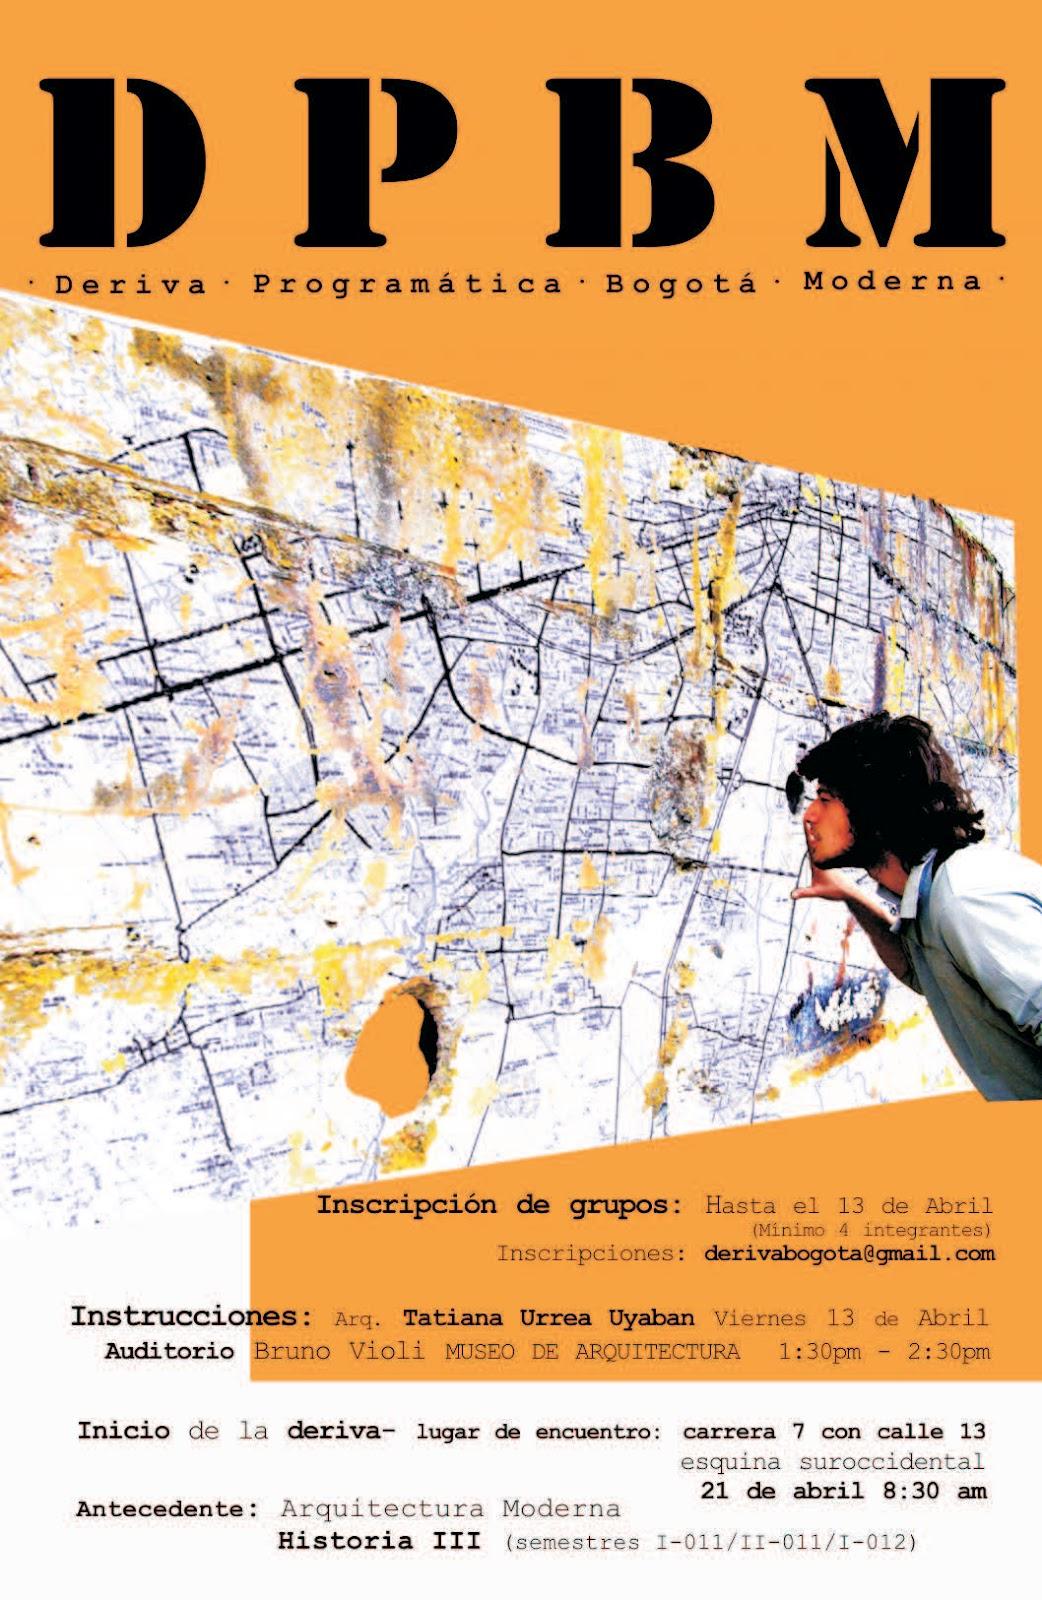 Historia De La Arquitectura Moderna Deriva Program Tica